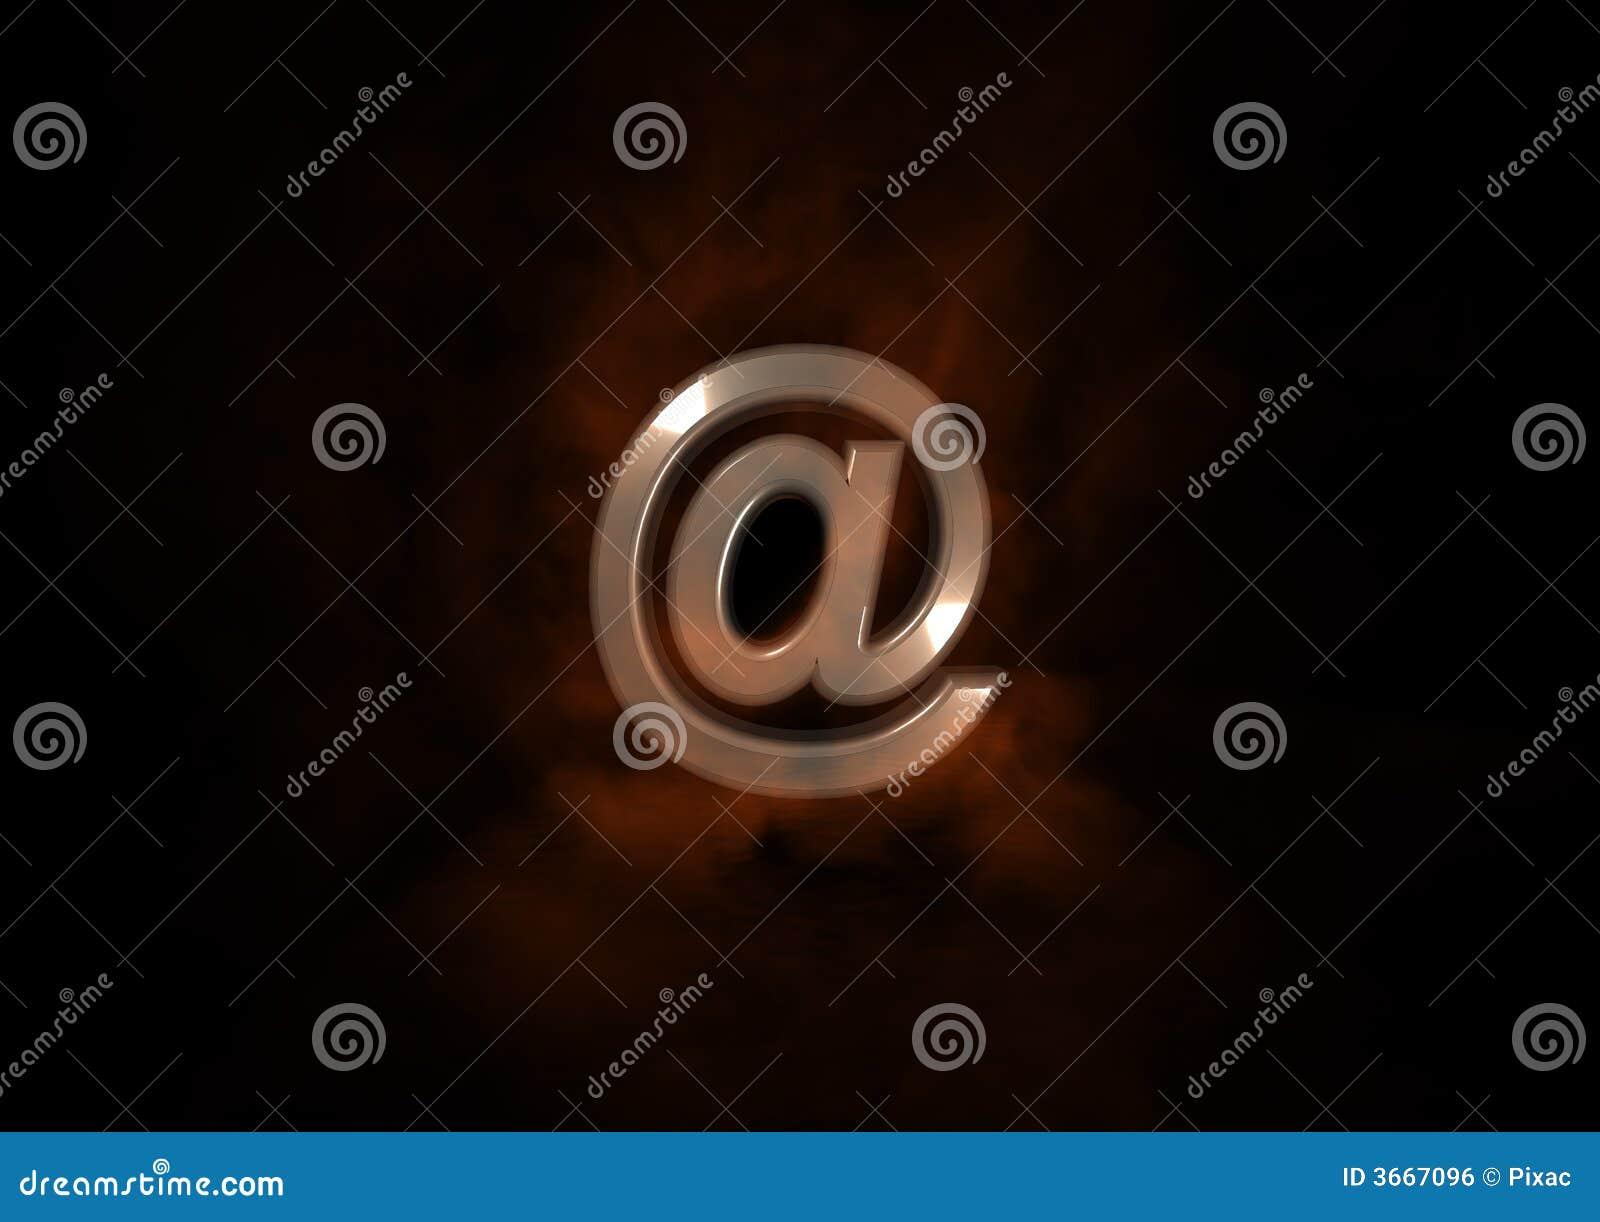 Envie por correio electrónico o símbolo